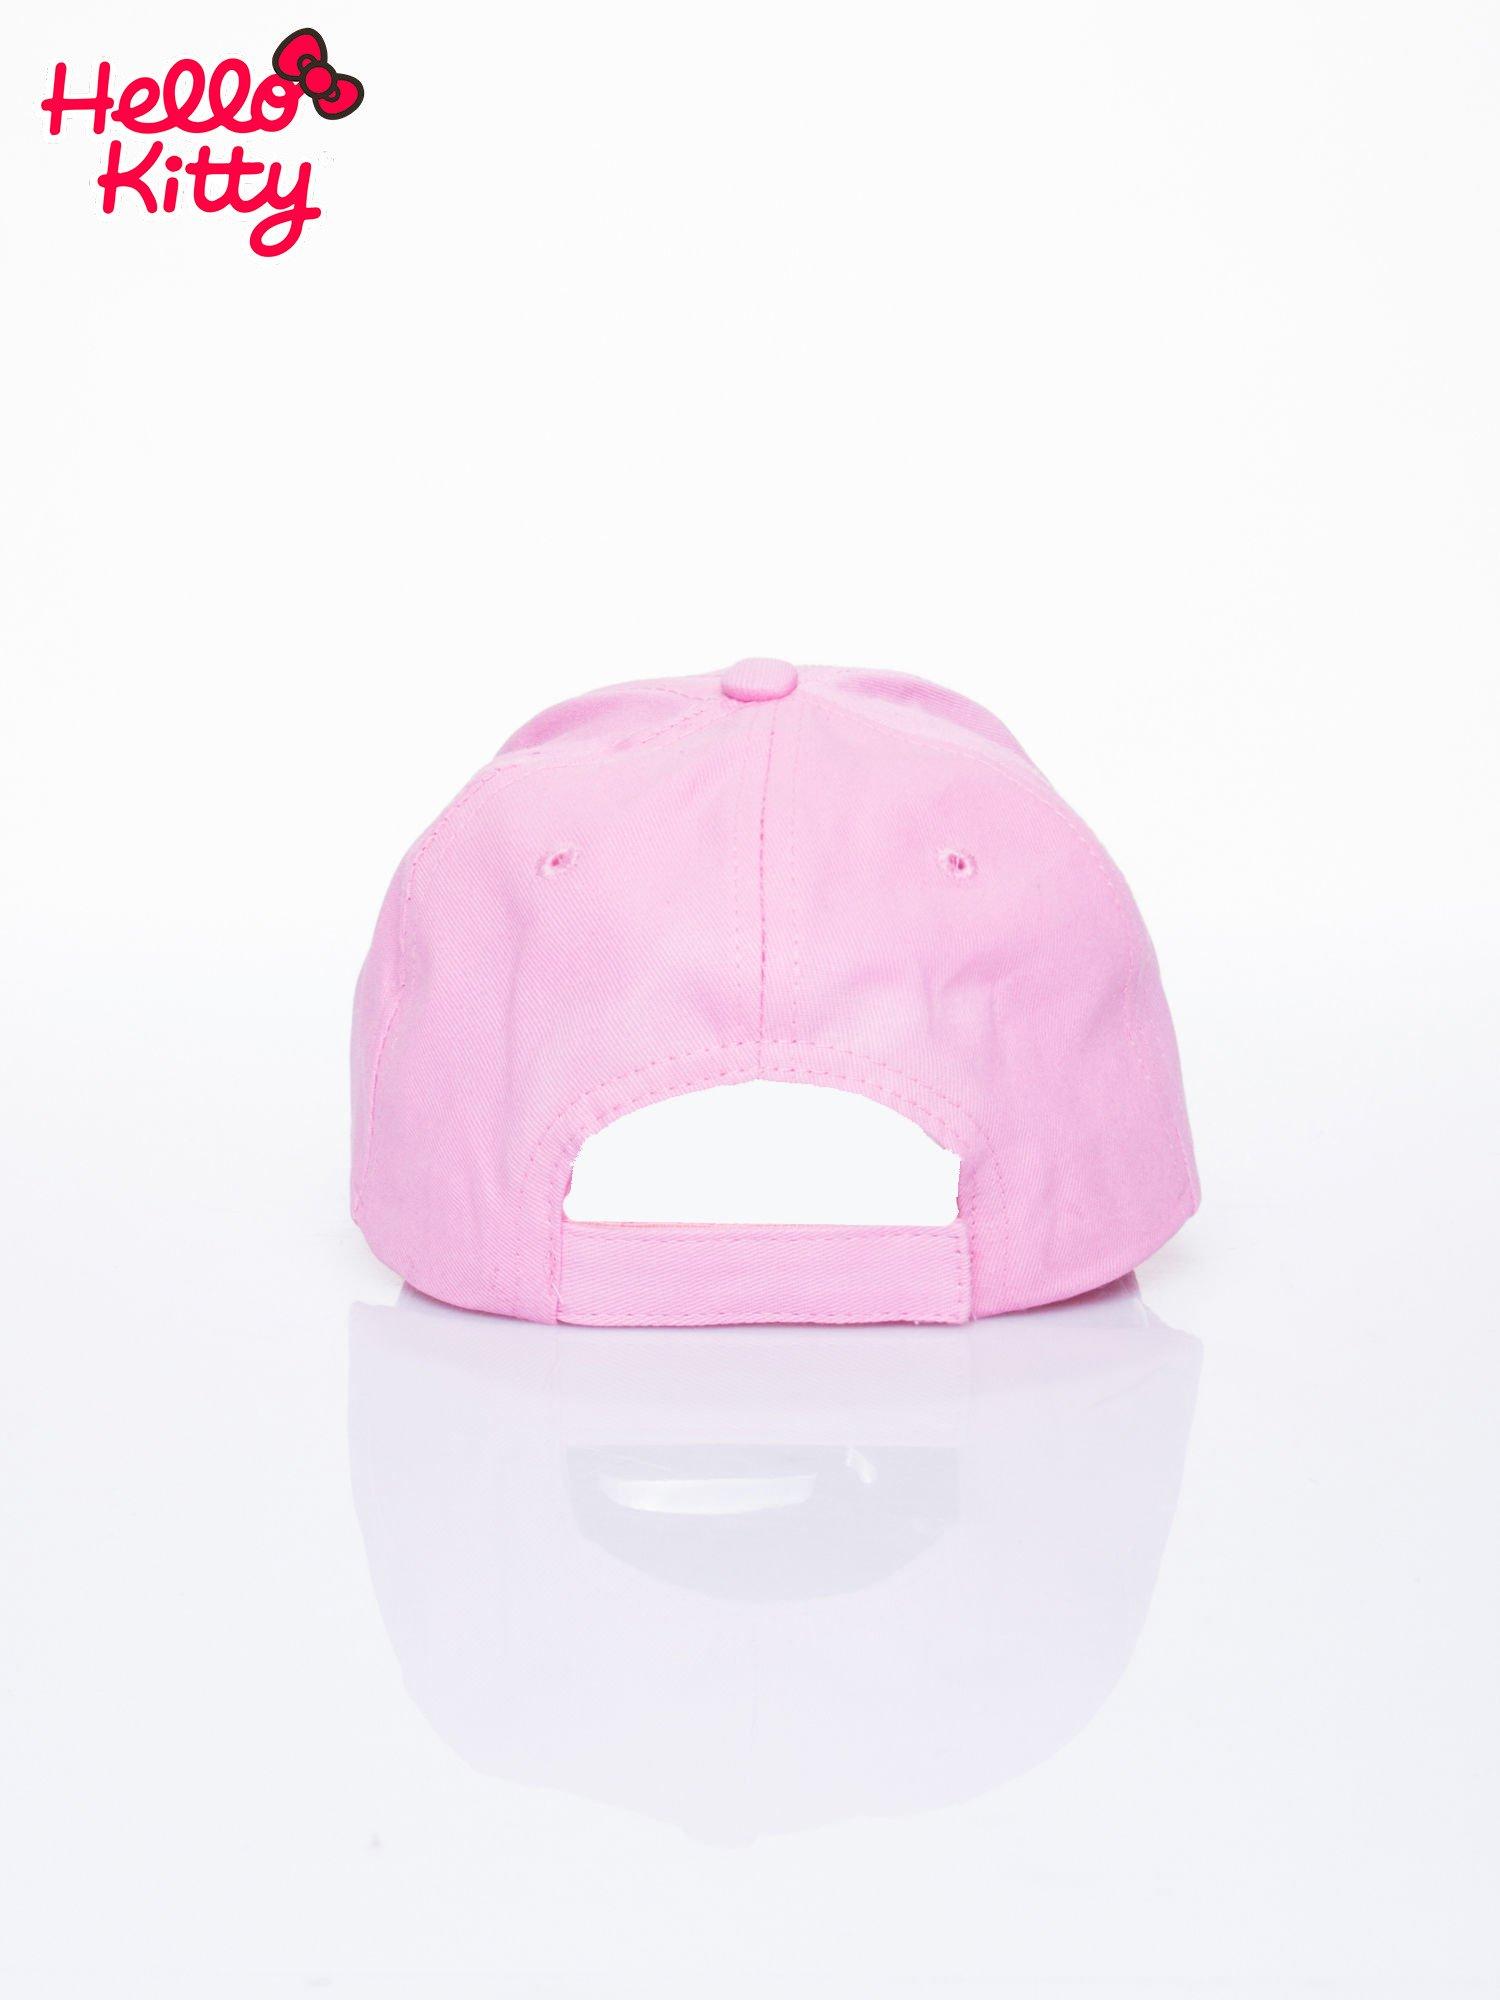 Różowa czapka z daszkiem dla dziewczynki z motywem HELLO KITTY                                  zdj.                                  3